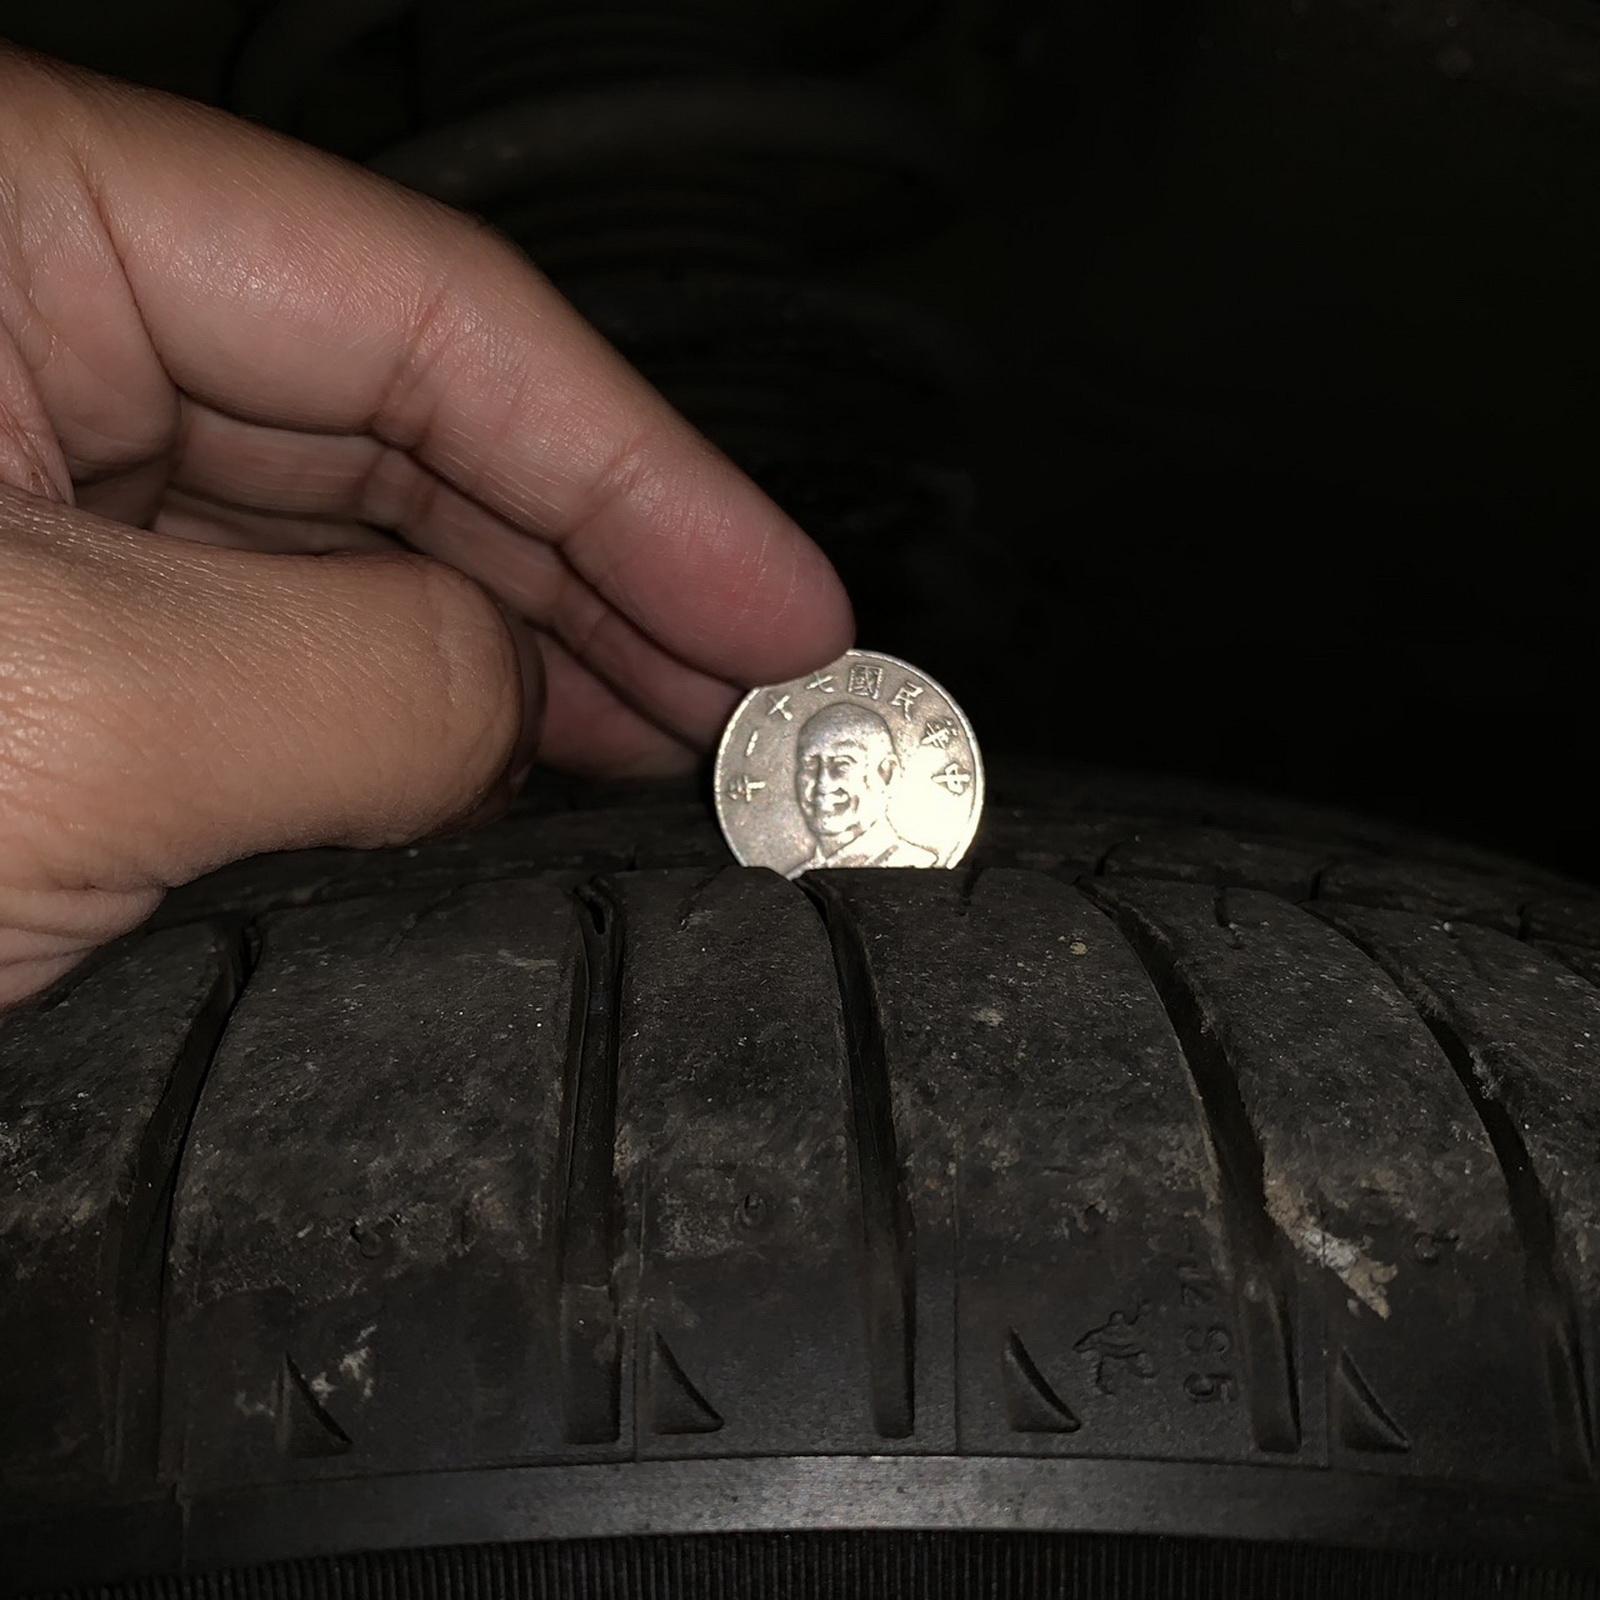 圖/▲利用一枚十圓硬幣,就能完成簡易的胎紋深淺檢查方式。